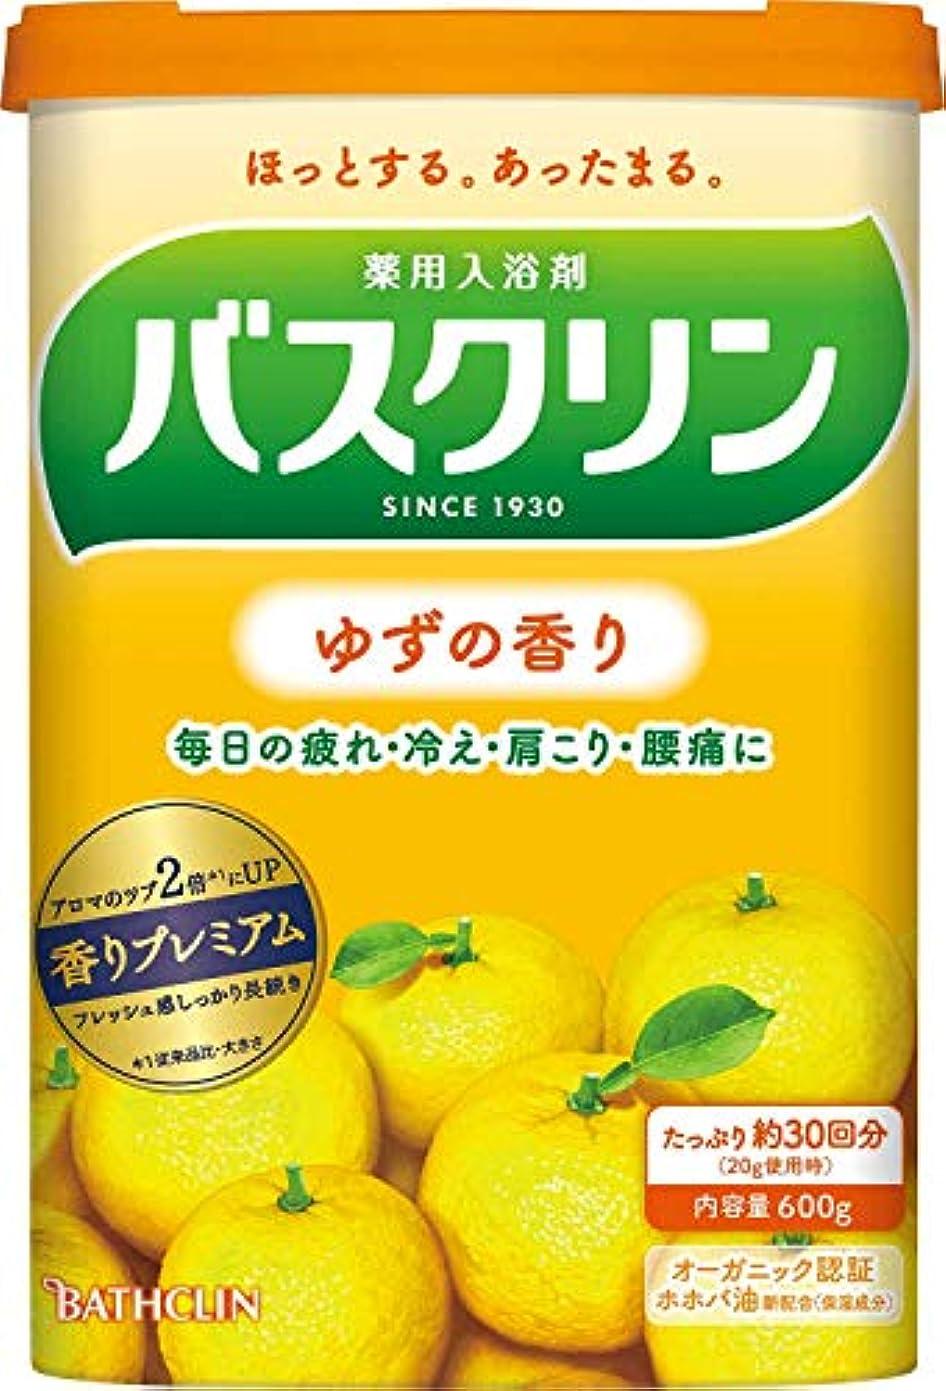 悪魔内なる診断する【医薬部外品】バスクリン入浴剤 ゆずの香り600g(約30回分) 疲労回復